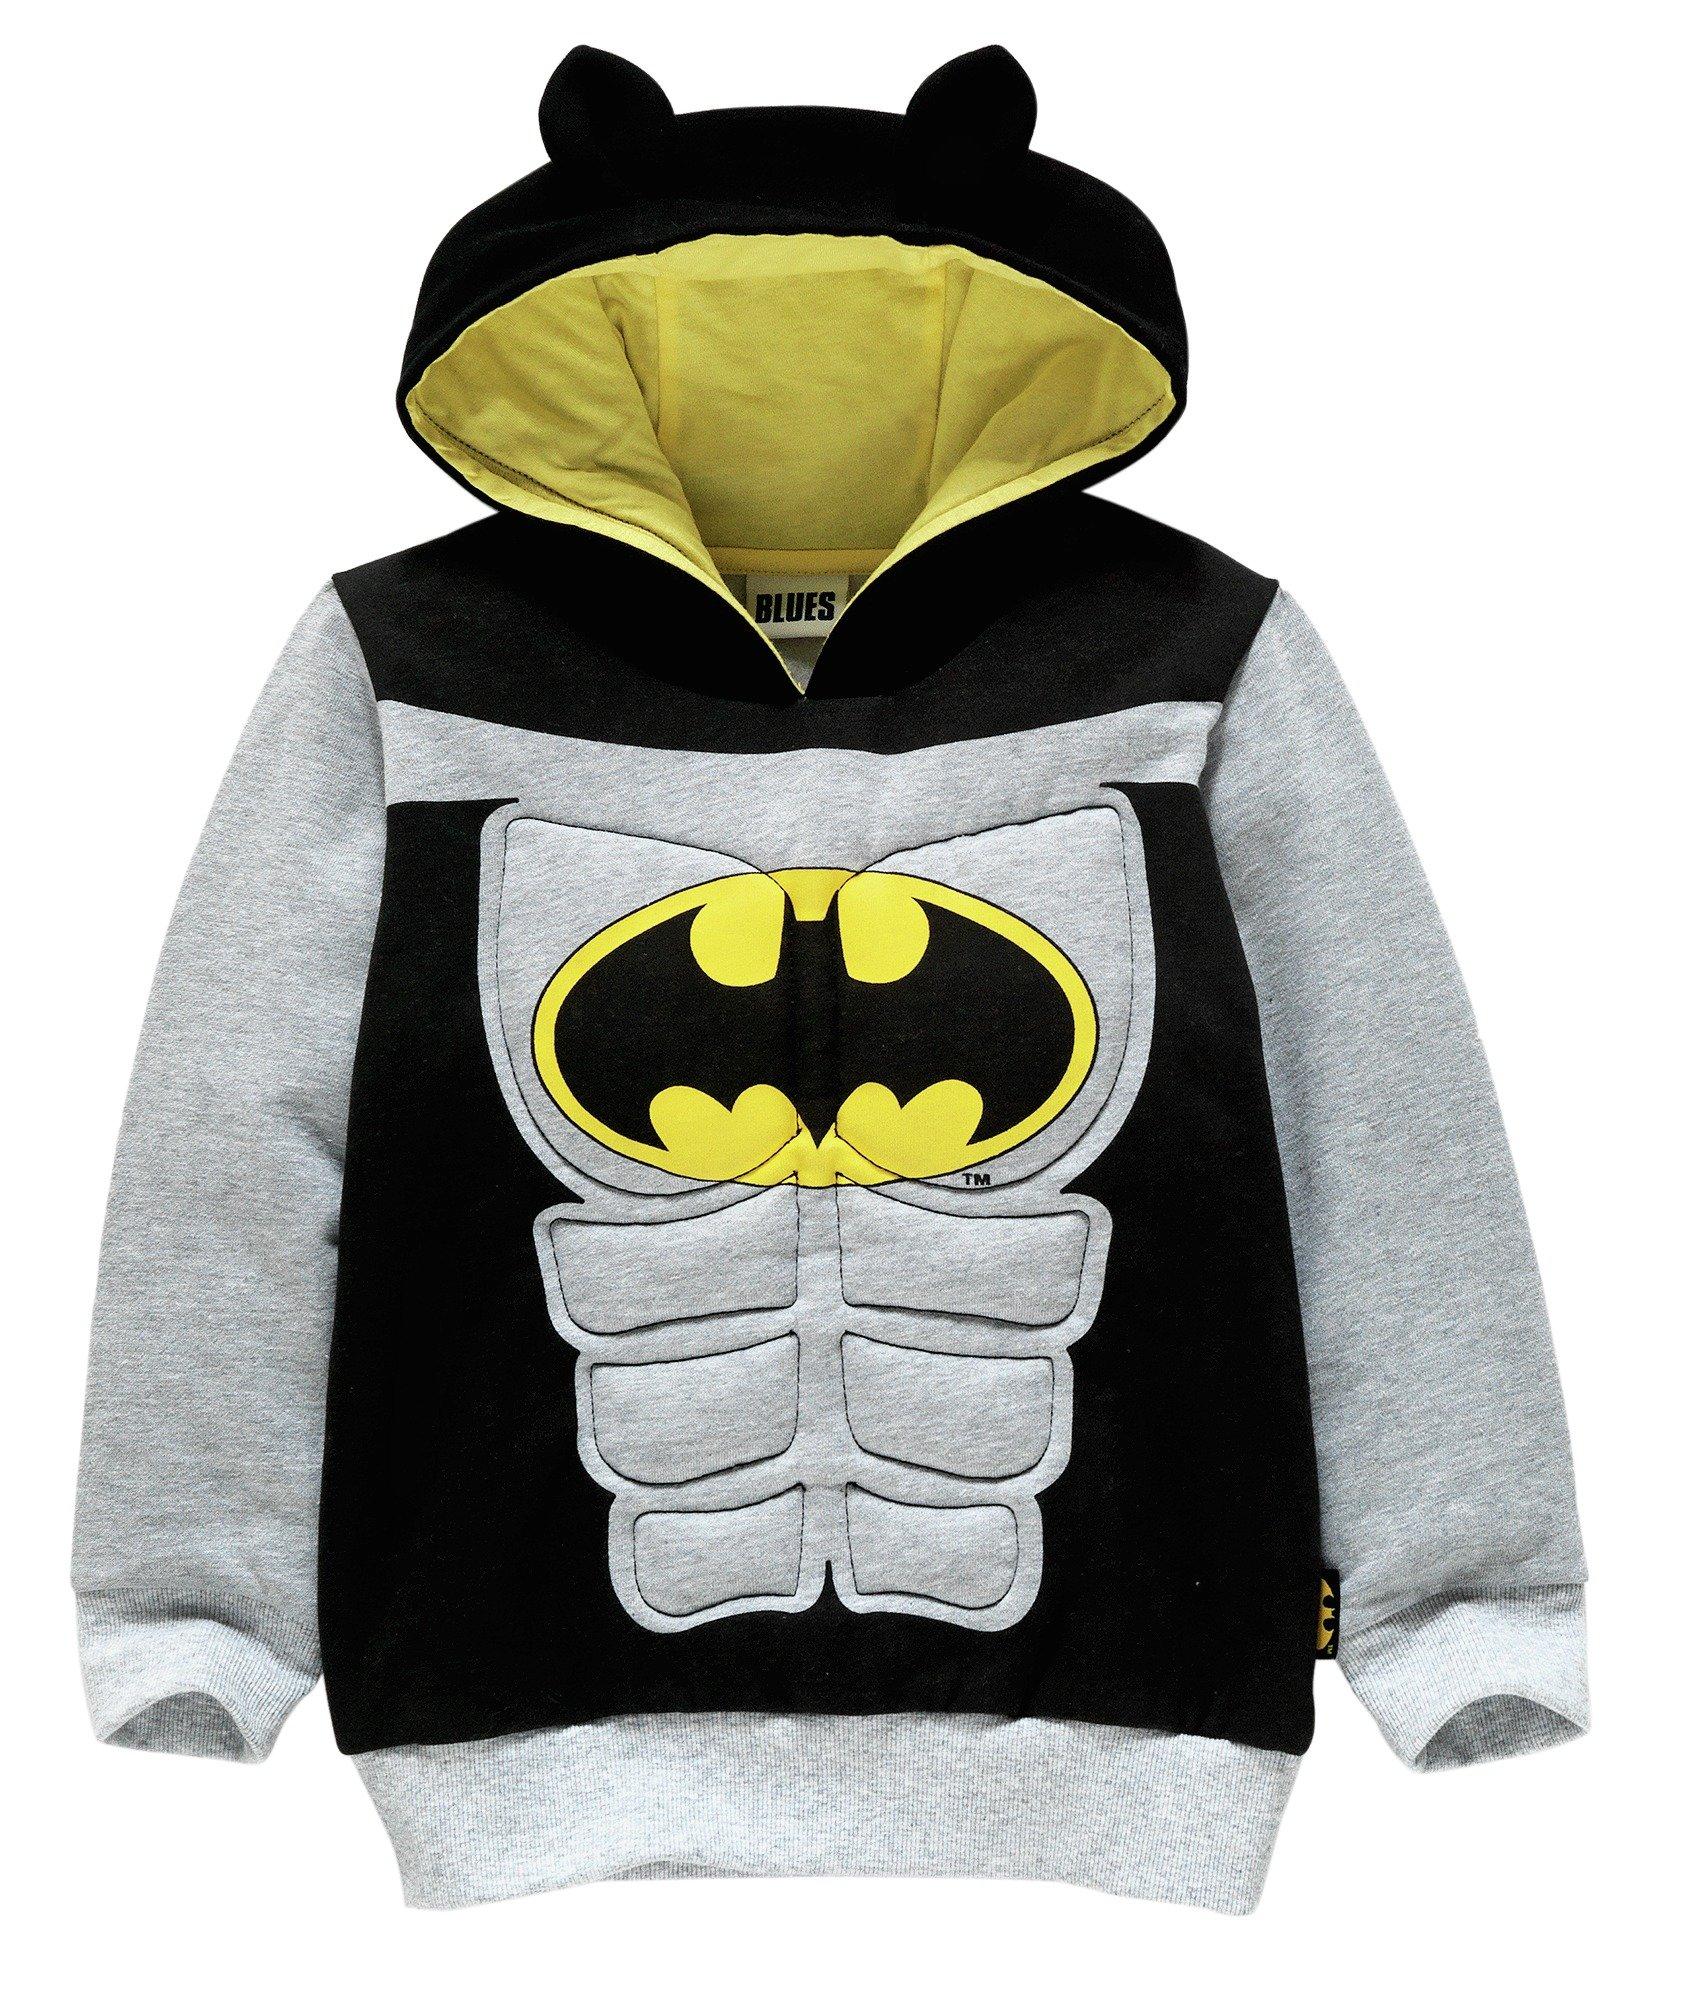 Image of Batman Muscle Hoodie - 5-6 Years